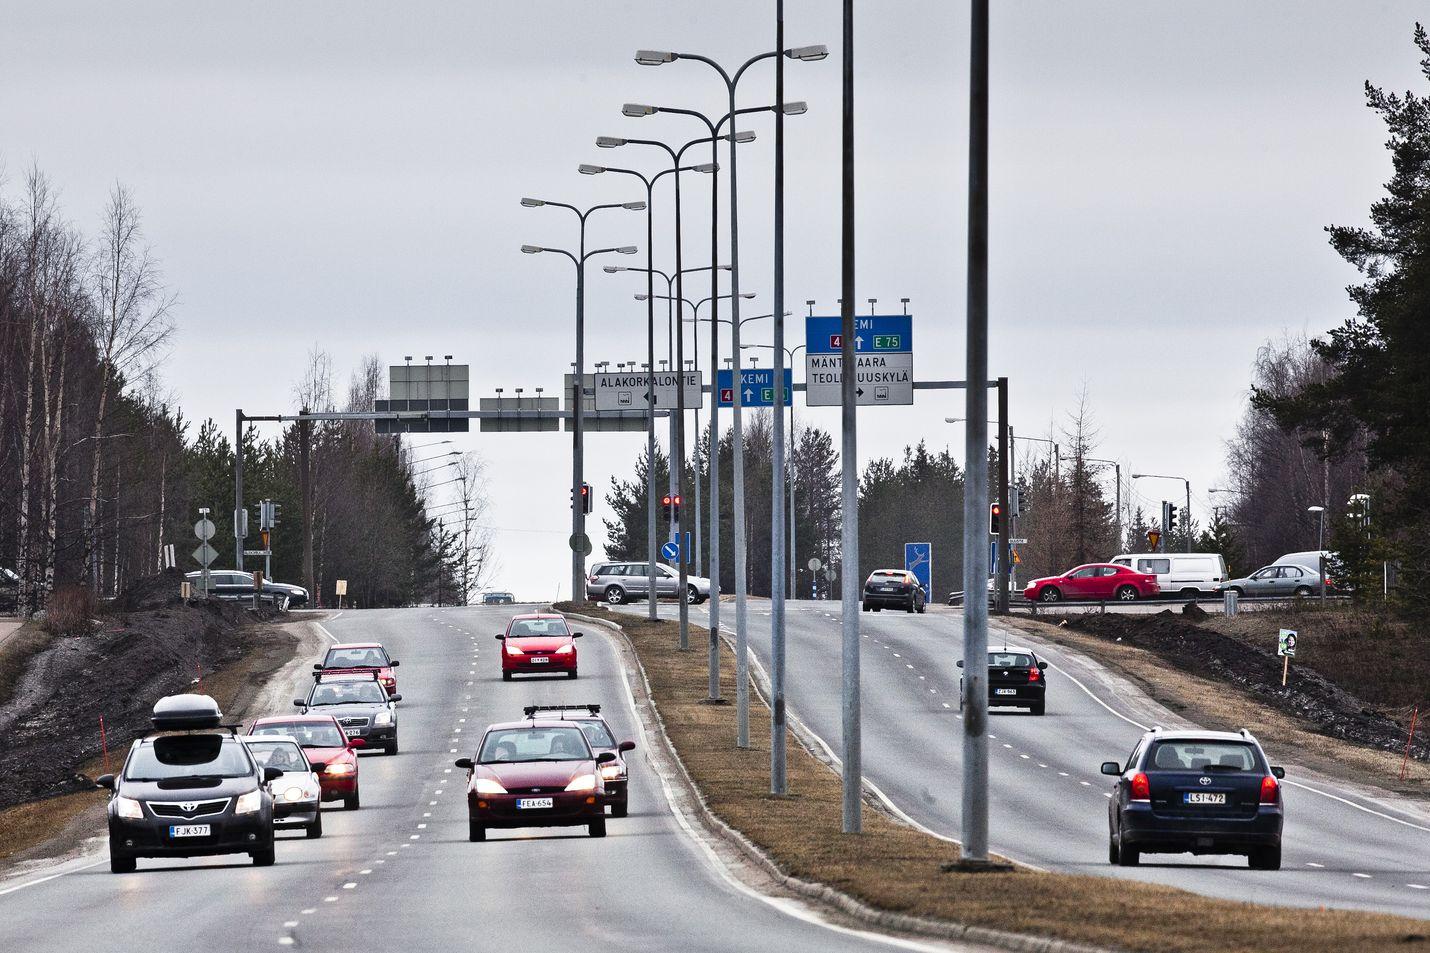 Uudenlainen kameratolppa alkaa valvoa liikennettä Suomessa. Valtaosa ylinopeussakoista kirjoitetaan tänä päivänä juuri kameravalvonnan perusteella.